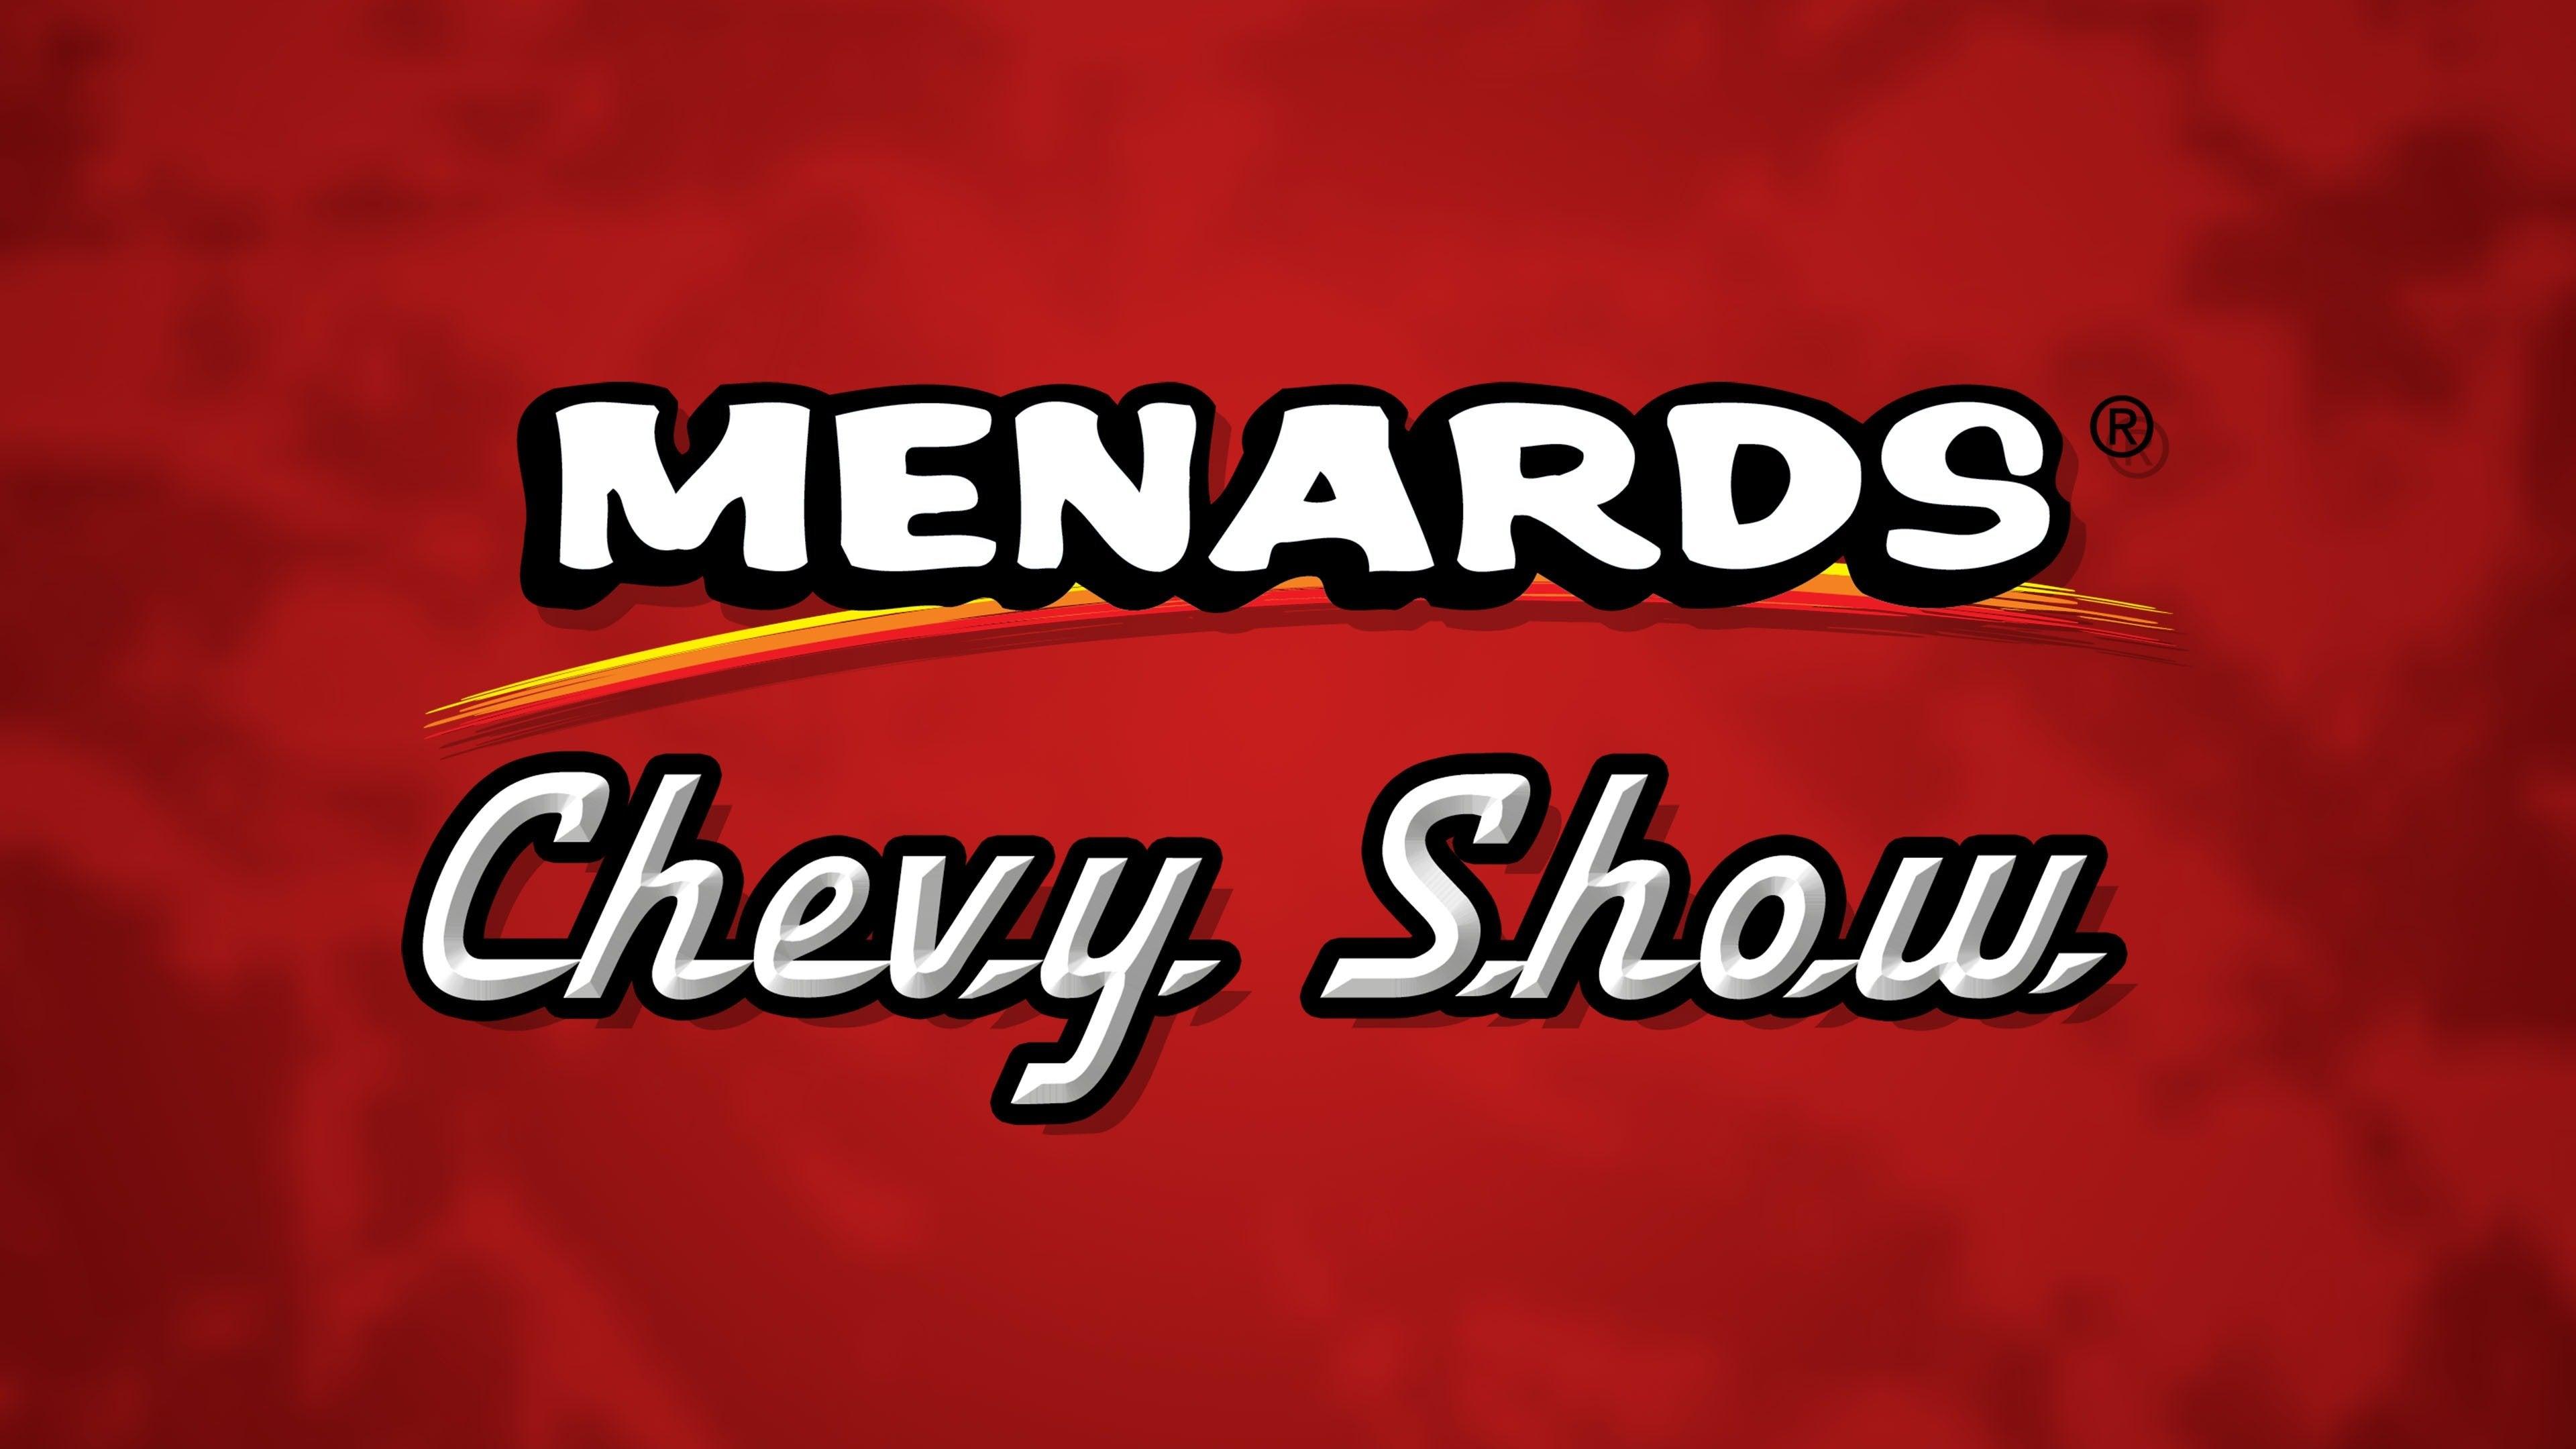 Menards Chevy Show